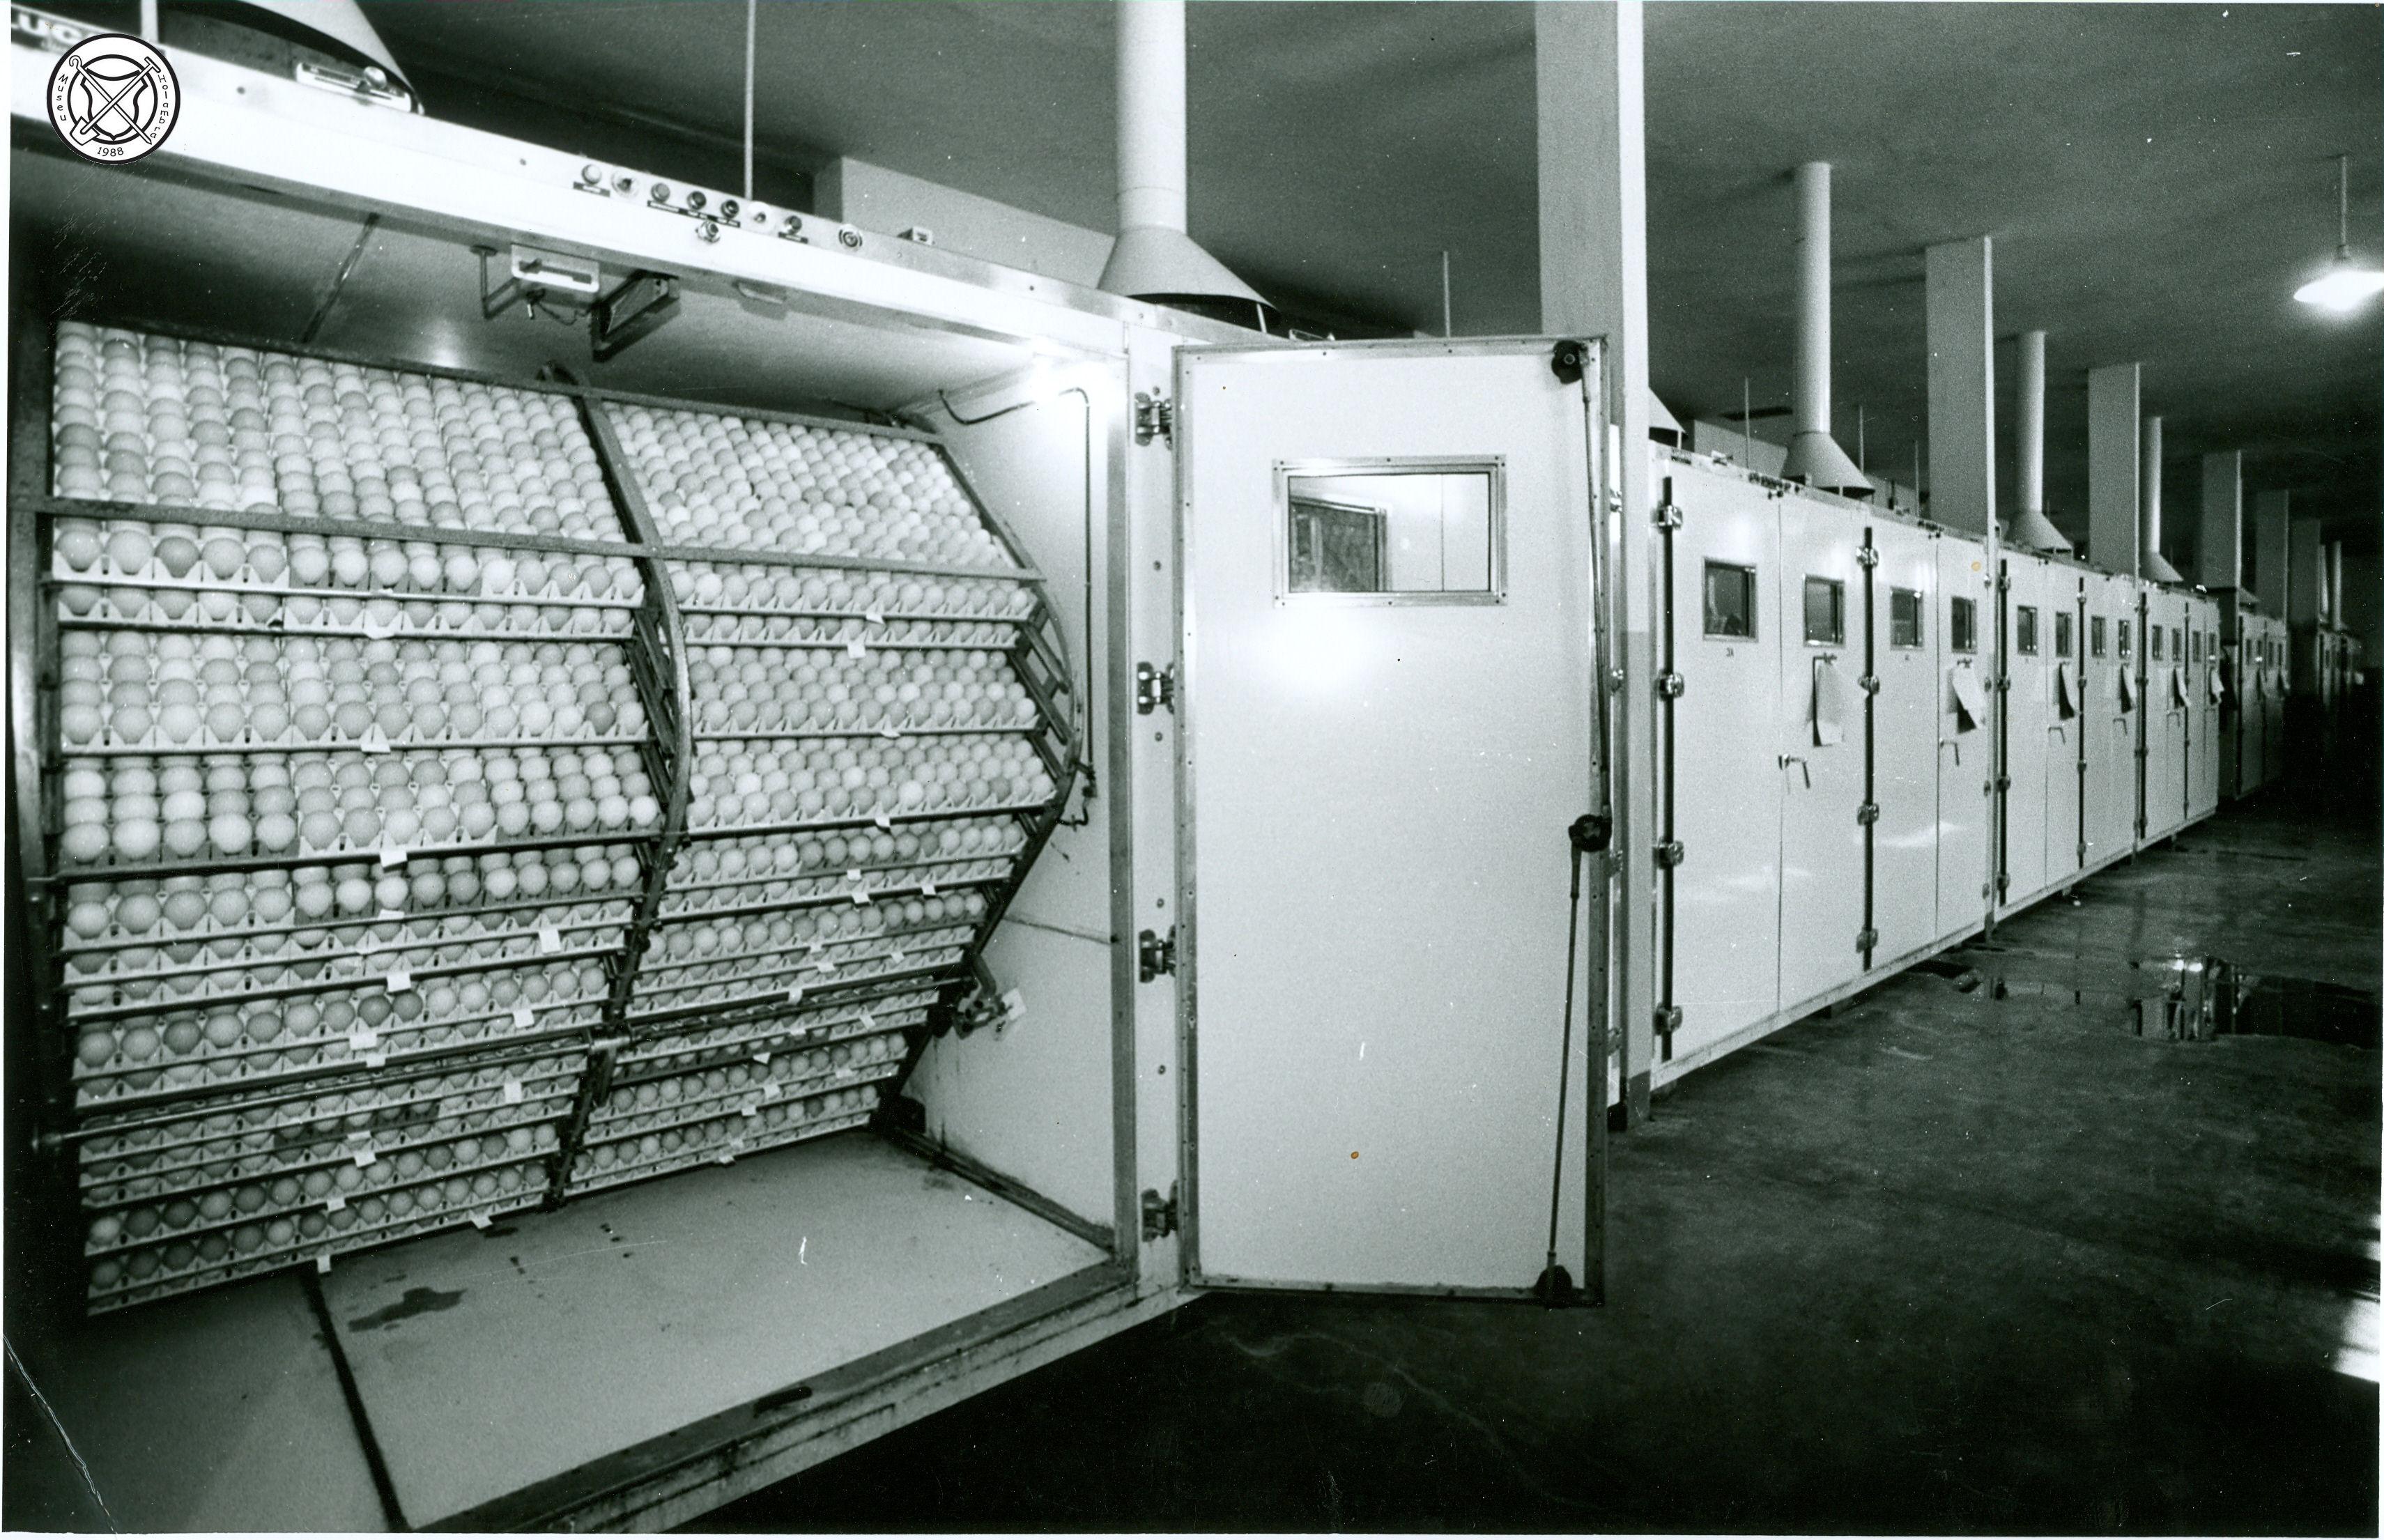 Interieur van een broedmachine met eieren